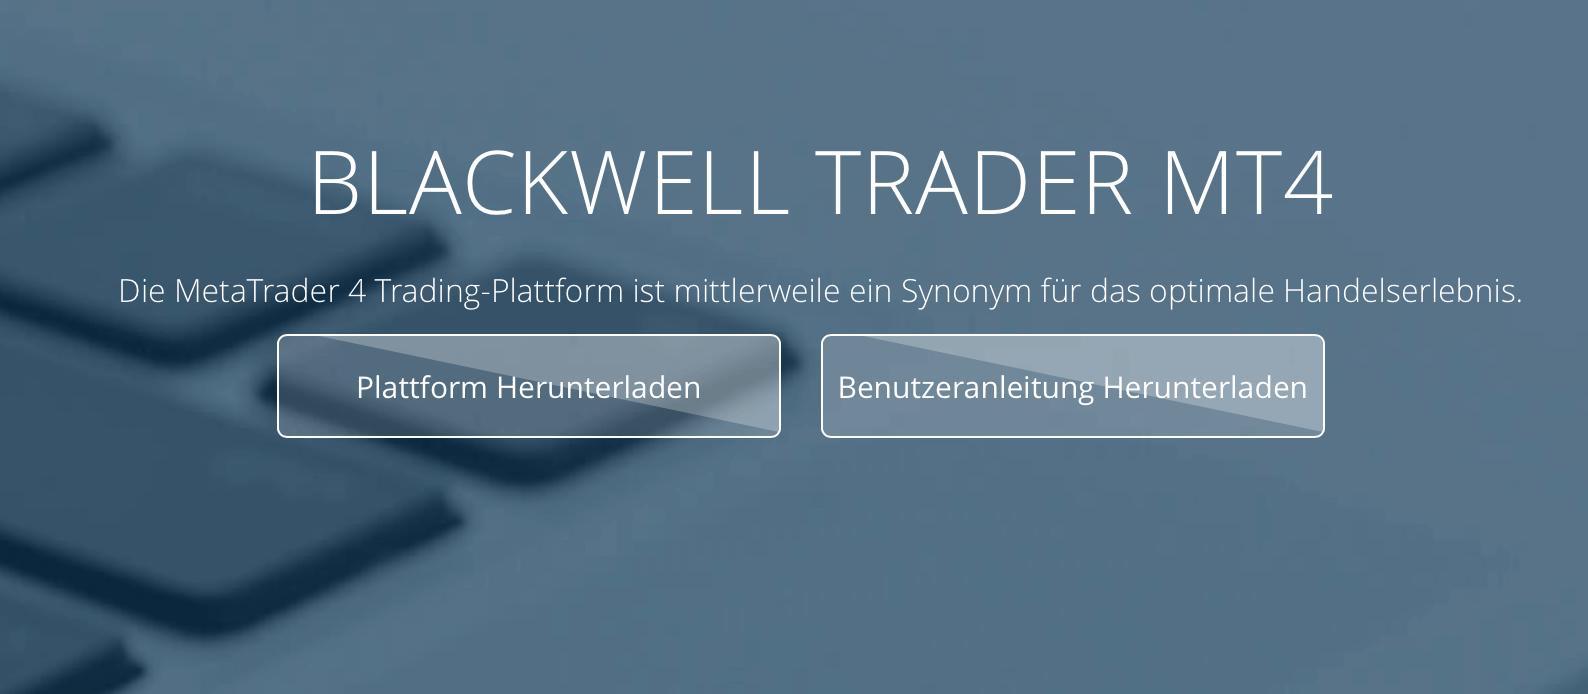 Blackwell bietet Trading mittels MT4